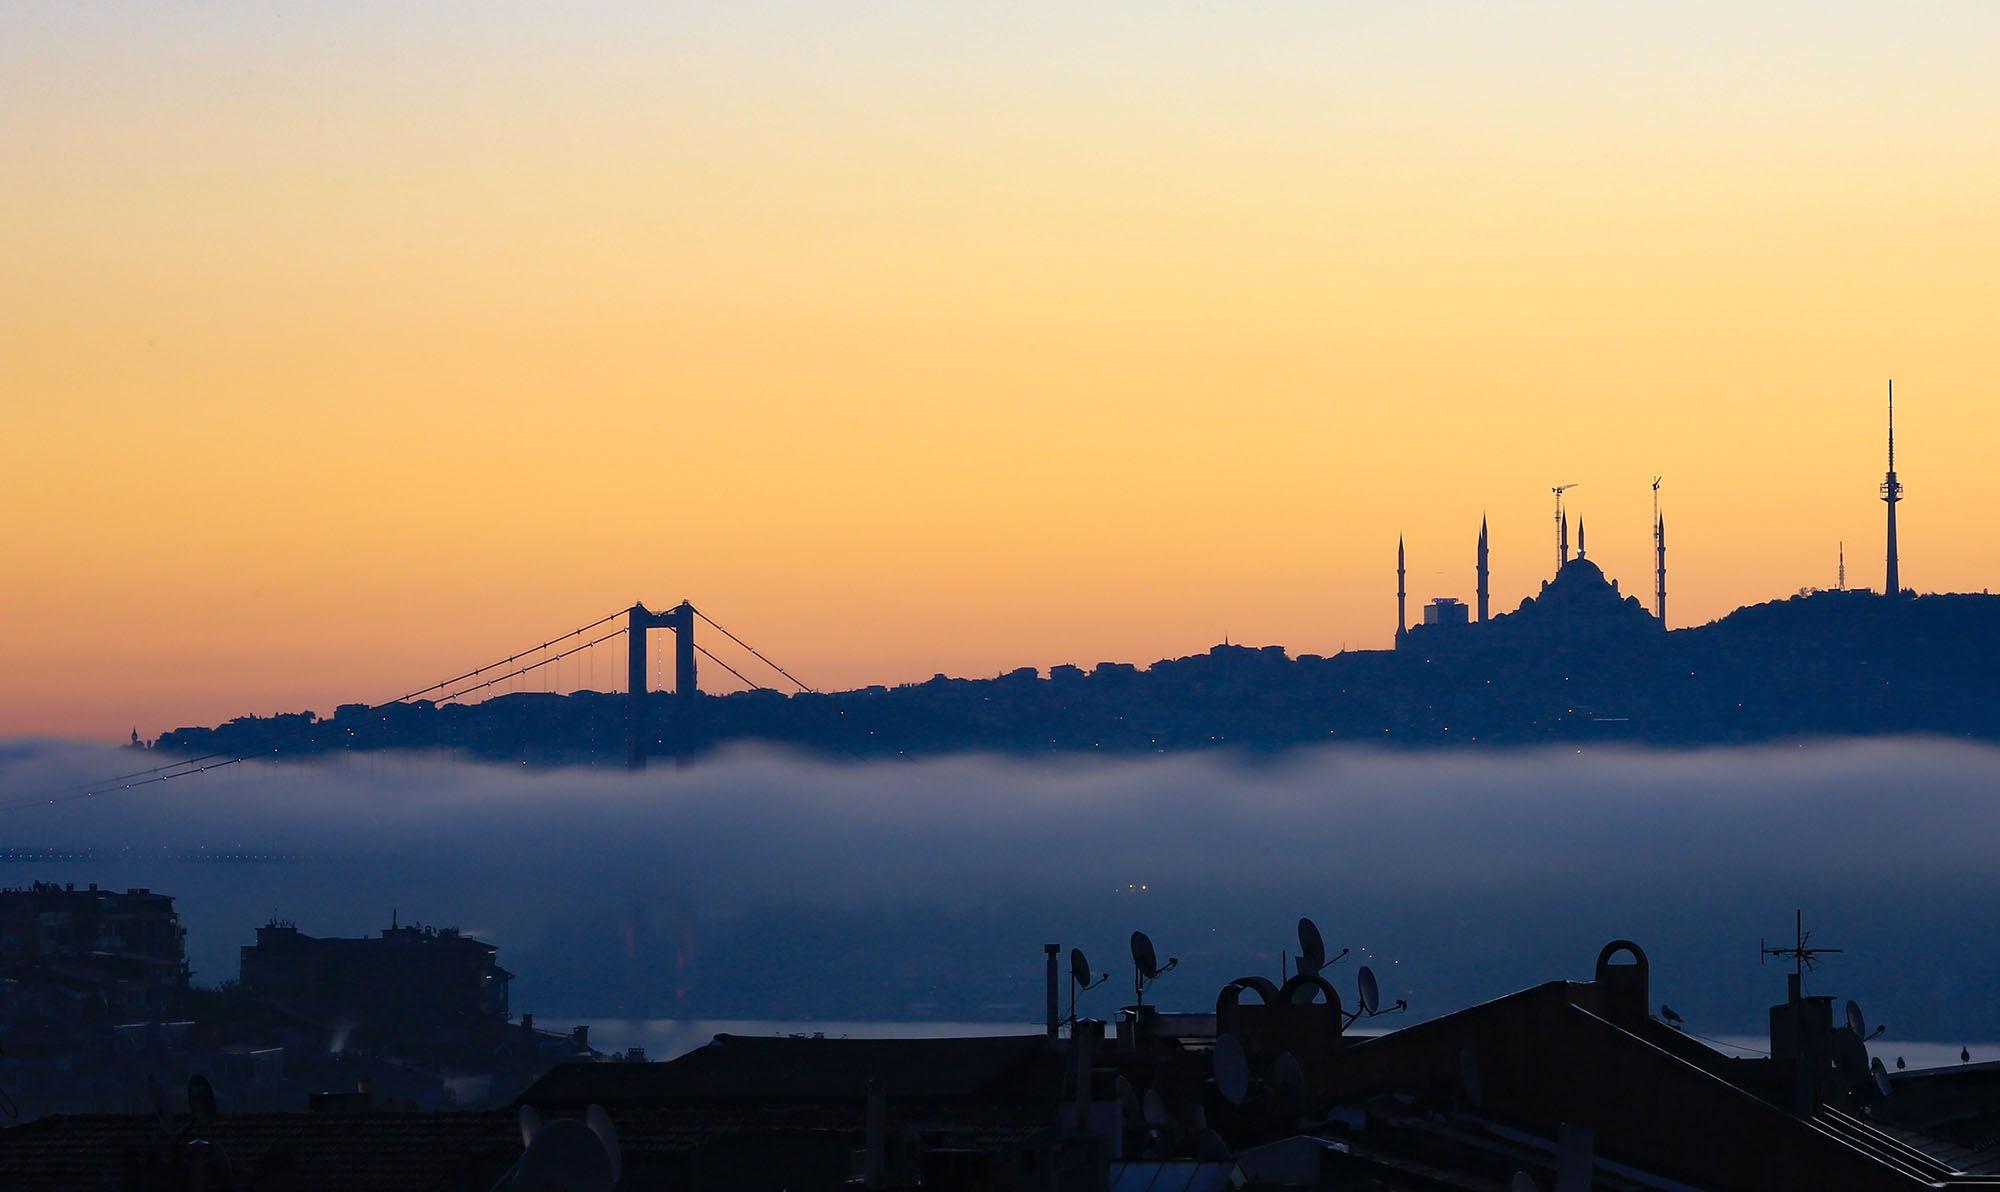 Foggy sunrise by fatih